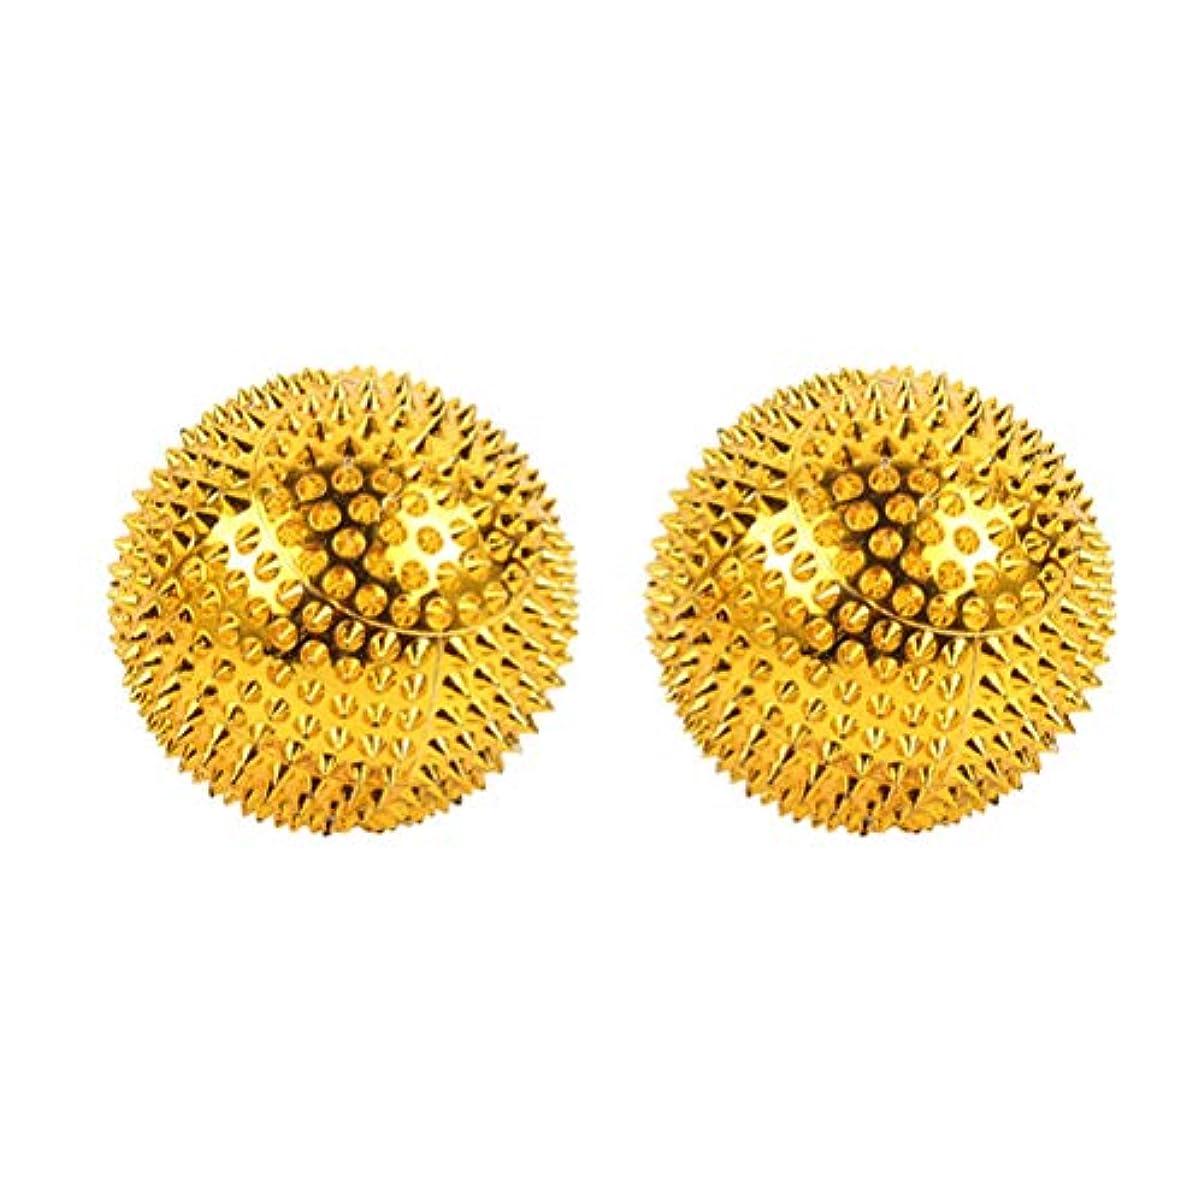 フランクワースリーバクテリア要件Healifty ボディマッサージャーボール2本磁気ローリングマッサージボールとがった鍼灸ボール指圧マッサージ(ゴールデン)